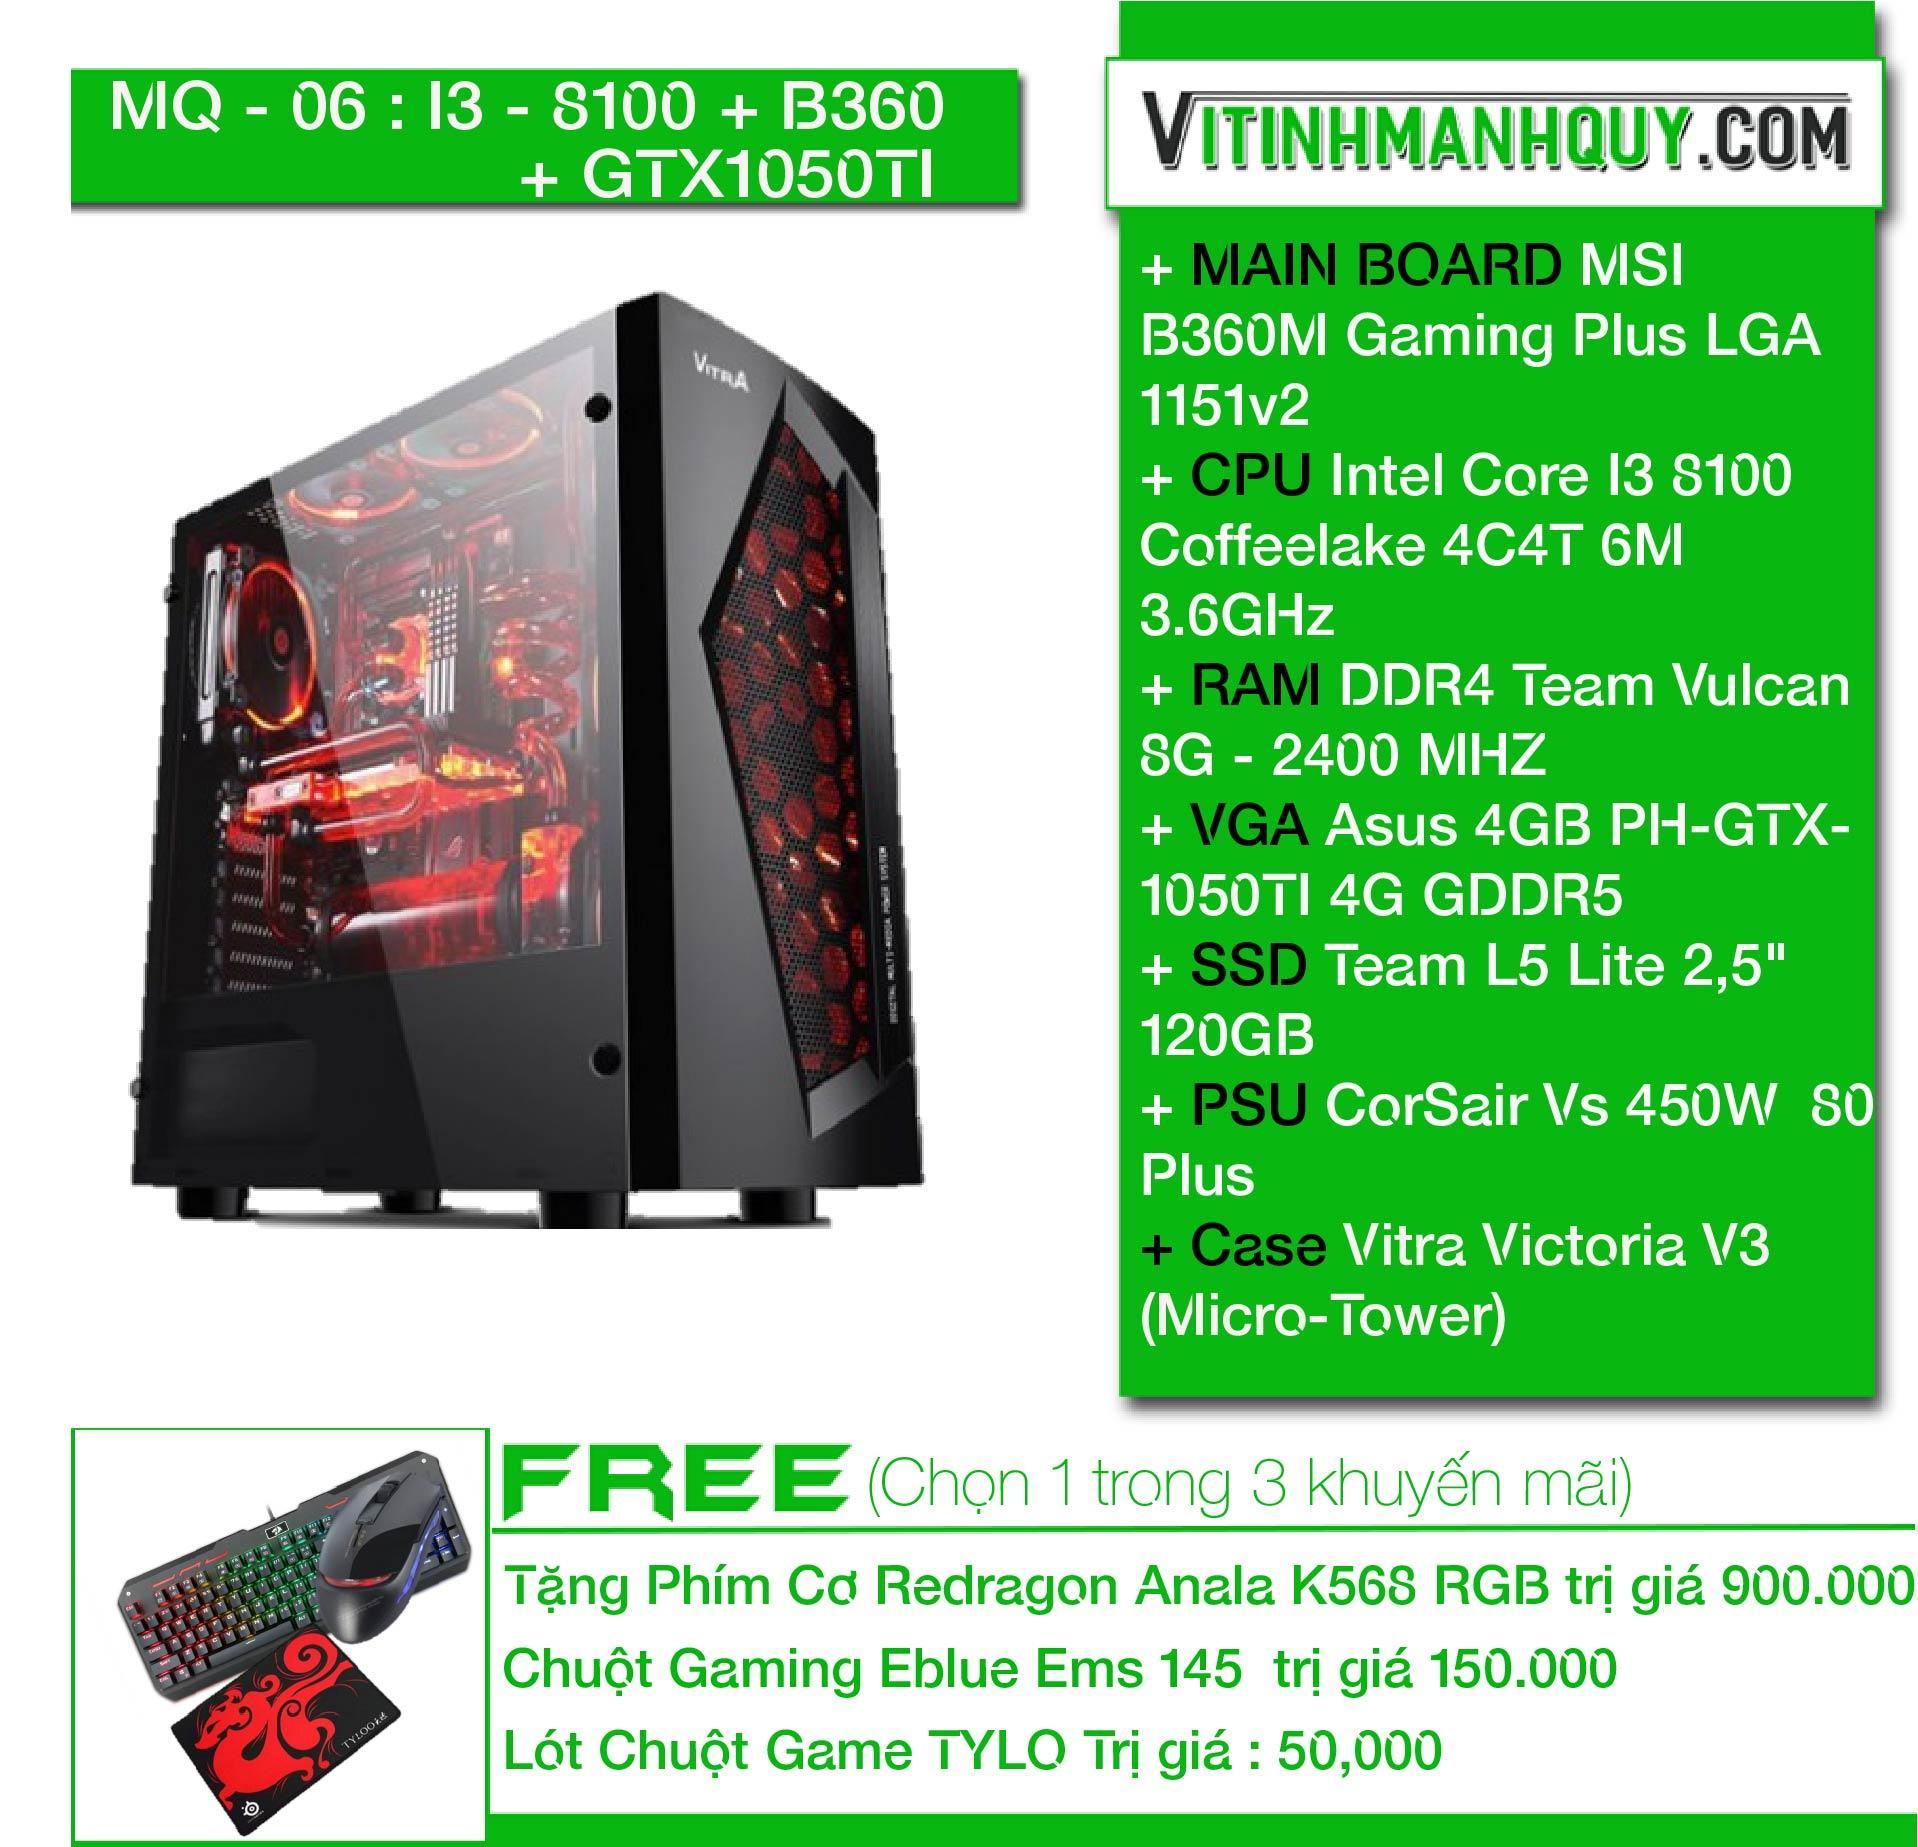 Hình ảnh MQ06I38100+B360+GTX1050TI - May bo HIEND chuyen game - Case Vitra Victoria V3 (Micro-Tower) - Intel Core I3 8100 Coffeelake 4C4T 6M 3.6GHz - DDR4 Team Vulcan 8G - 2400 MHZ - SSD Team L5 Lite 2,5